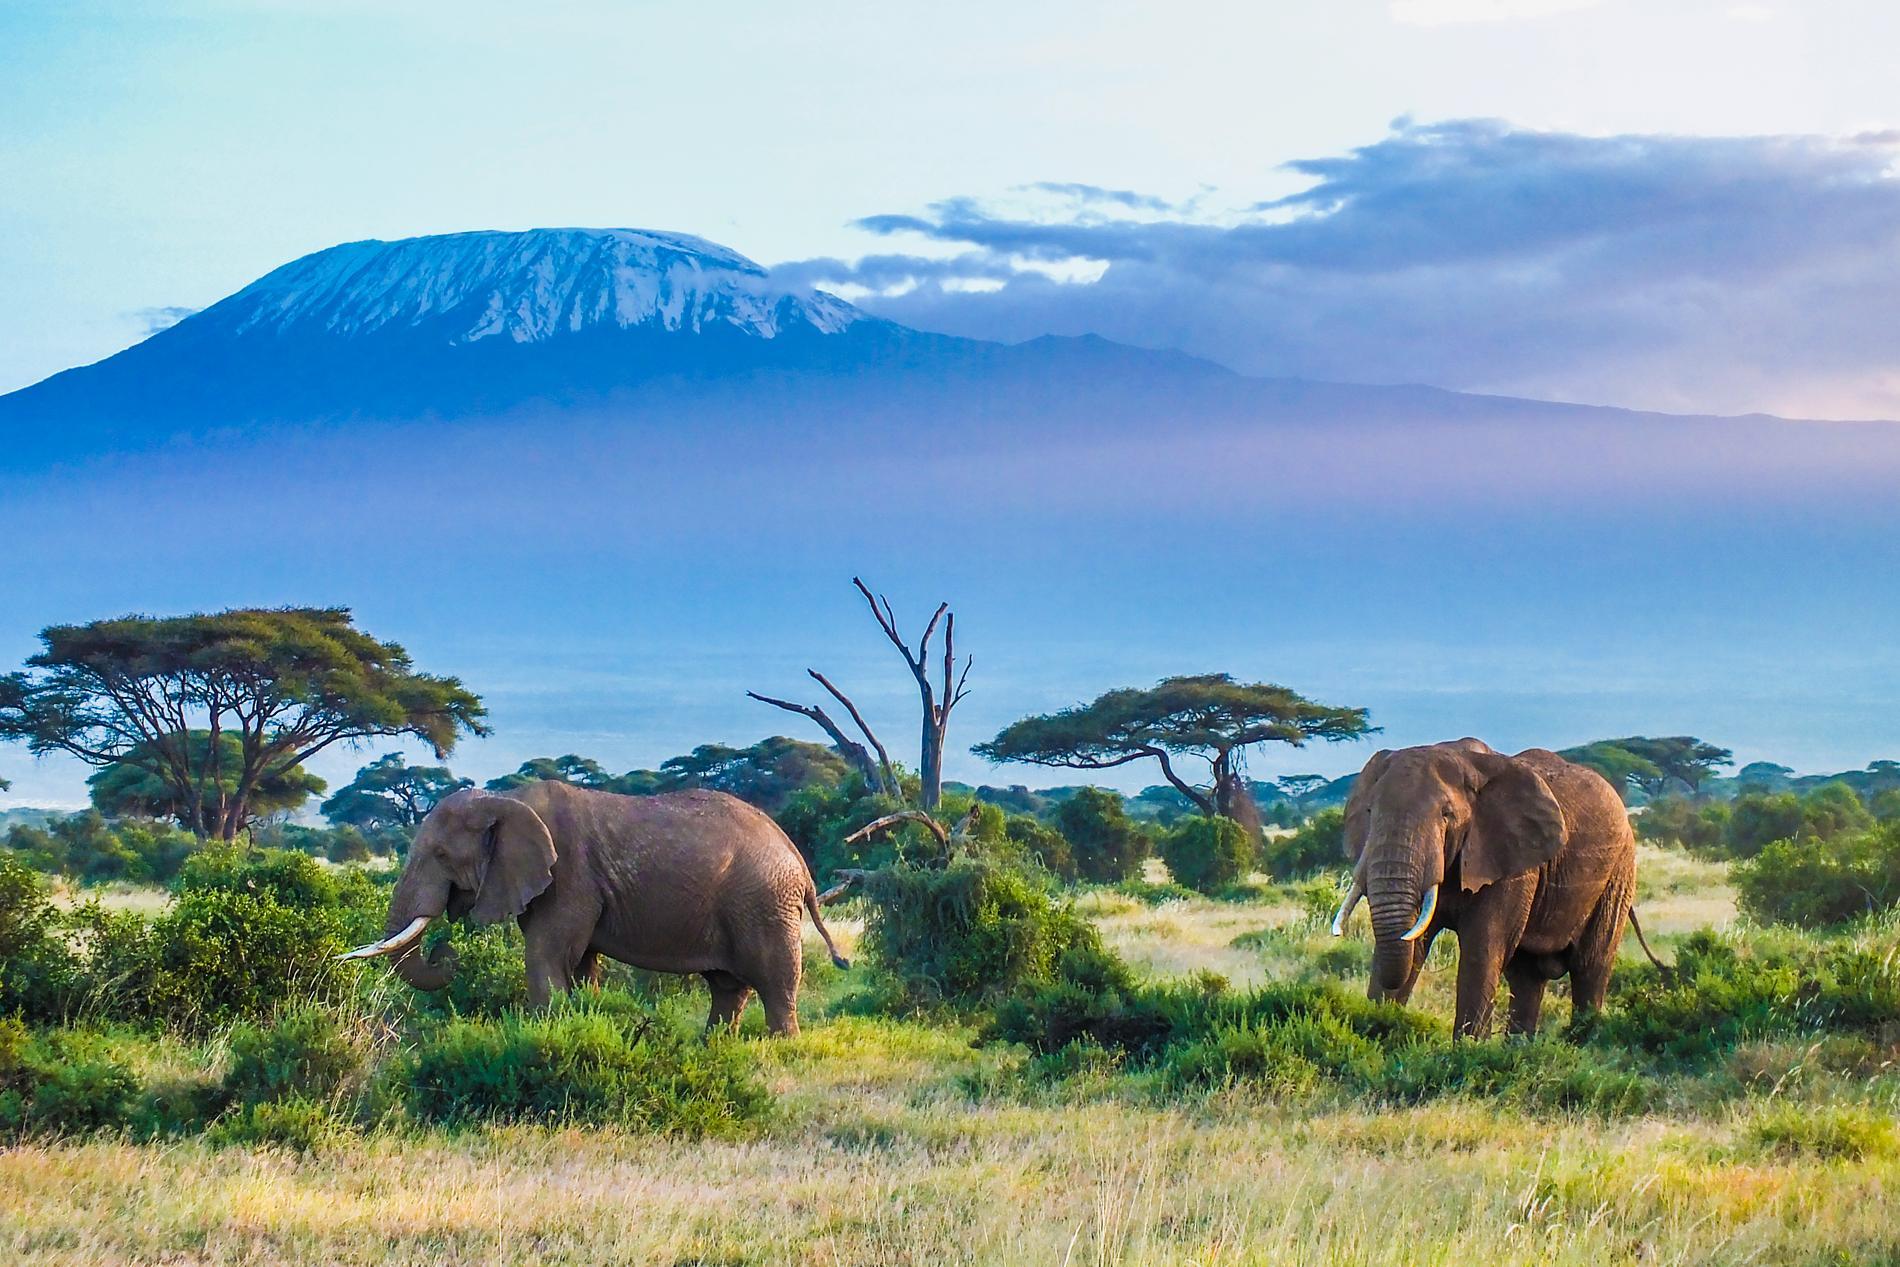 Det går att bestiga Kilimanjaro, men det krävs lite uthållighet.